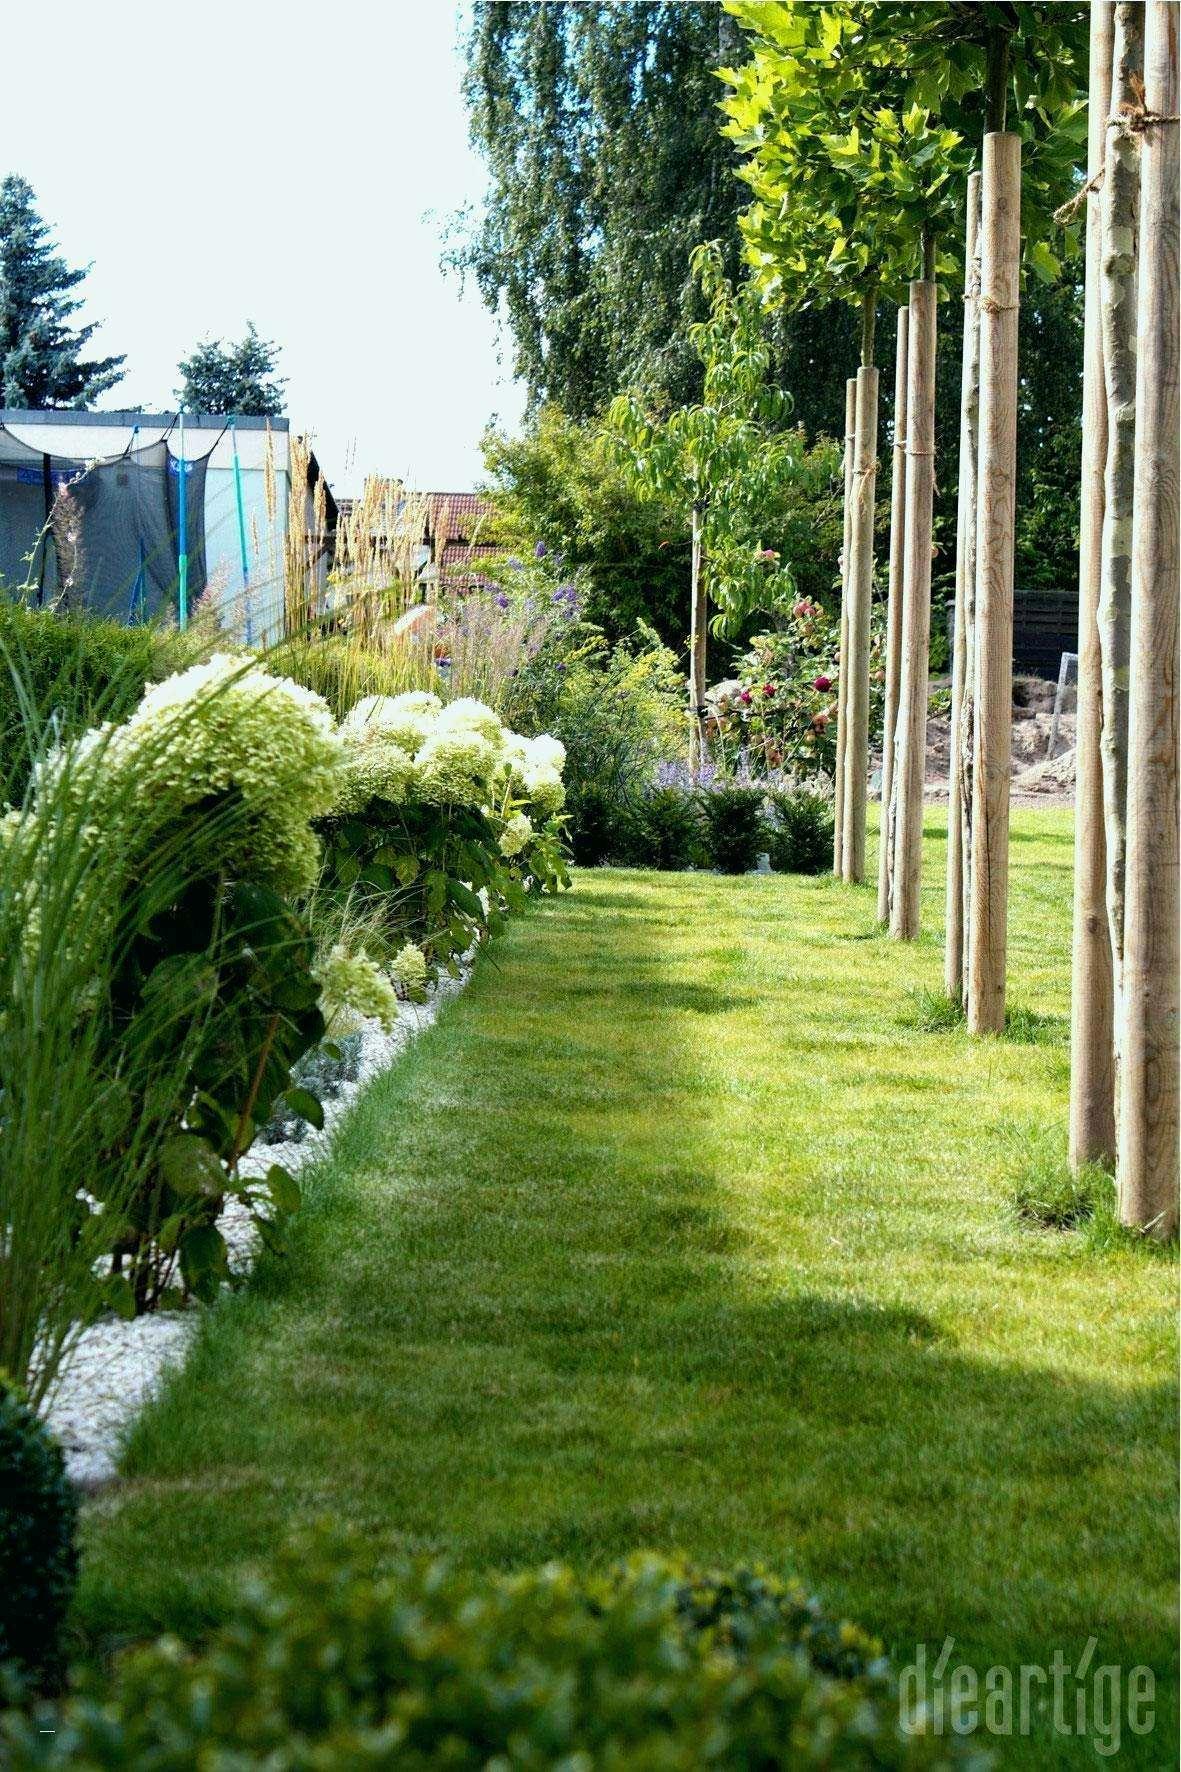 gartenbeete gestalten bilder inspirierend garten gestalten lang und schmal of gartenbeete gestalten bilder